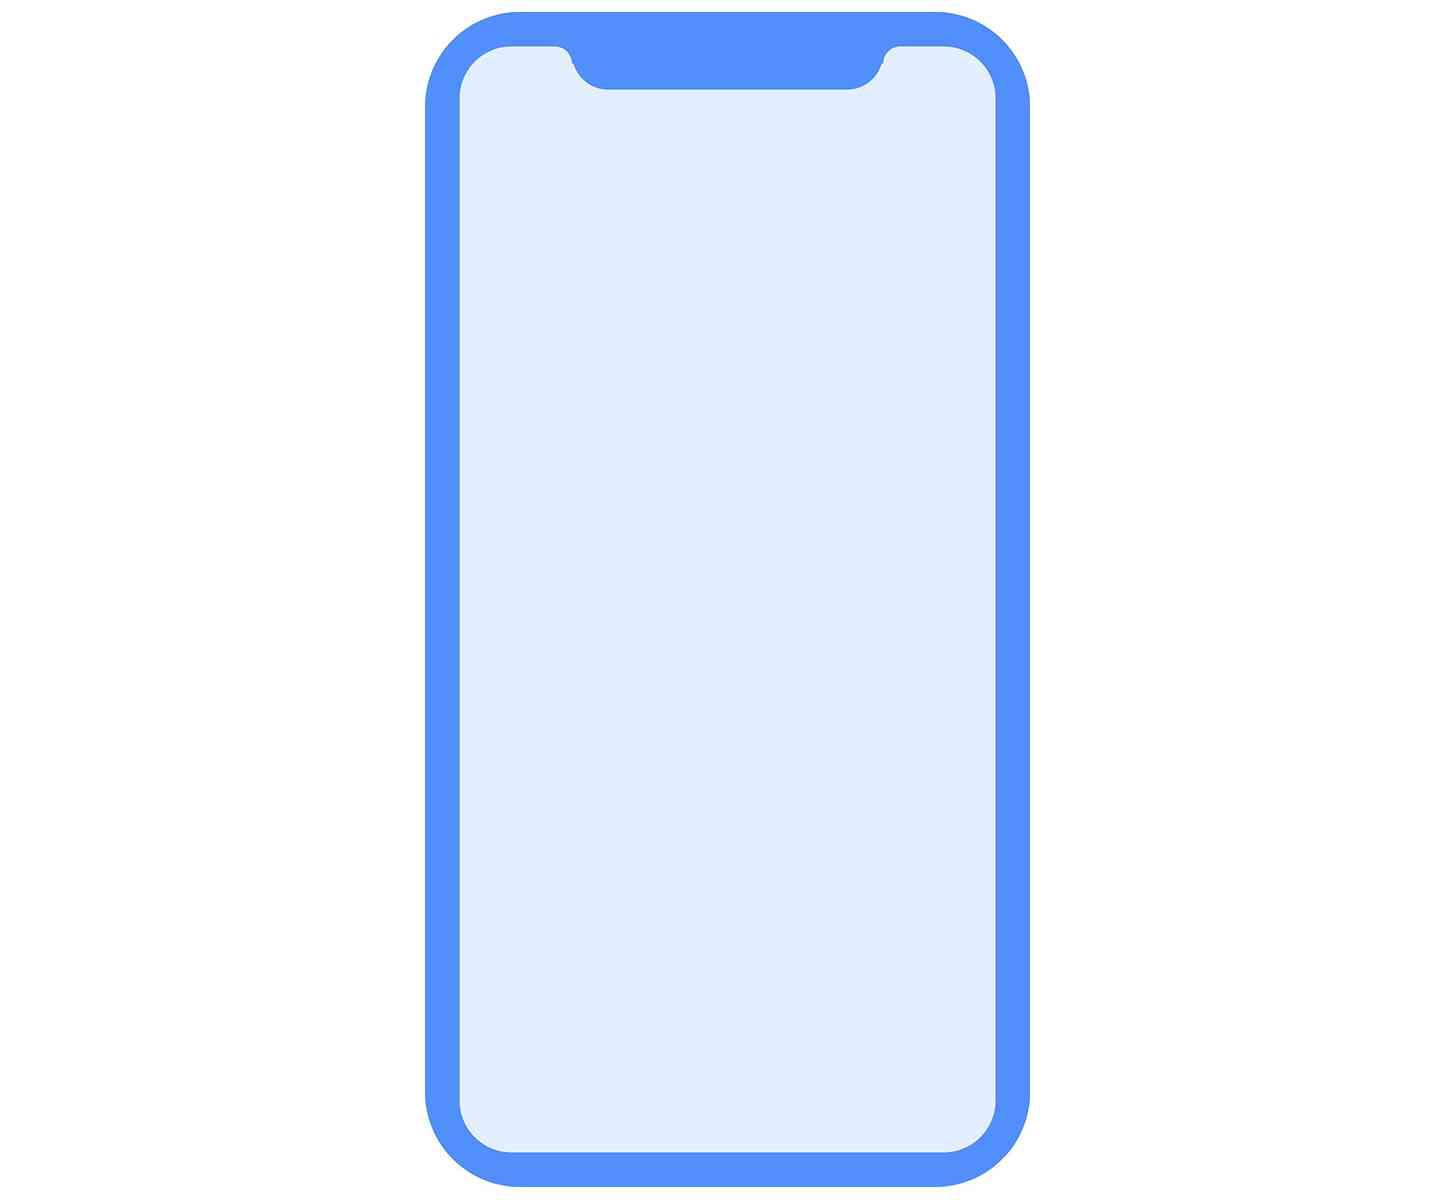 Apple iPhone 8 design leak